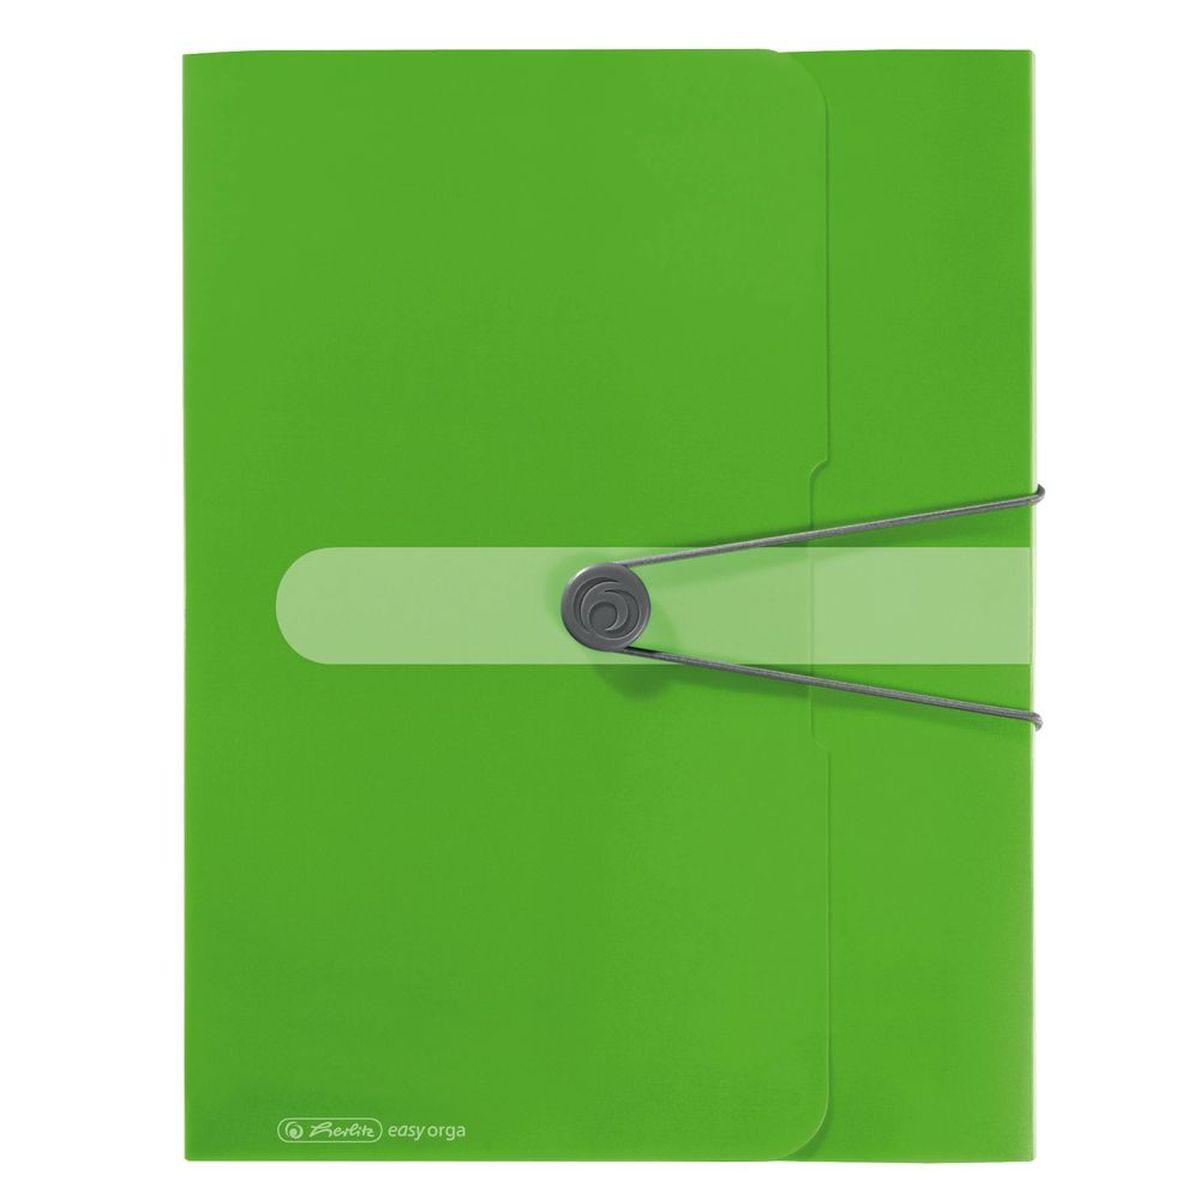 Herlitz Папка-конверт Easy orga to go цвет зеленый11206133Папка-конверт Herlitz Easy orga to go станет вашим верным помощником дома и в офисе. Это удобный и функциональный инструмент, предназначенный для хранения и транспортировки больших объемов рабочих бумаг и документов формата А4. Папка изготовлена из износостойкого пластика и качественного полипропилена. Состоит из одного вместительного отделения. Закрывается папка при помощи резинки, а на корешке папки есть ярлычок. Папка - это незаменимый атрибут для любого студента, школьника или офисного работника. Такая папка надежно сохранит ваши бумаги и сбережет их от повреждений, пыли и влаги.